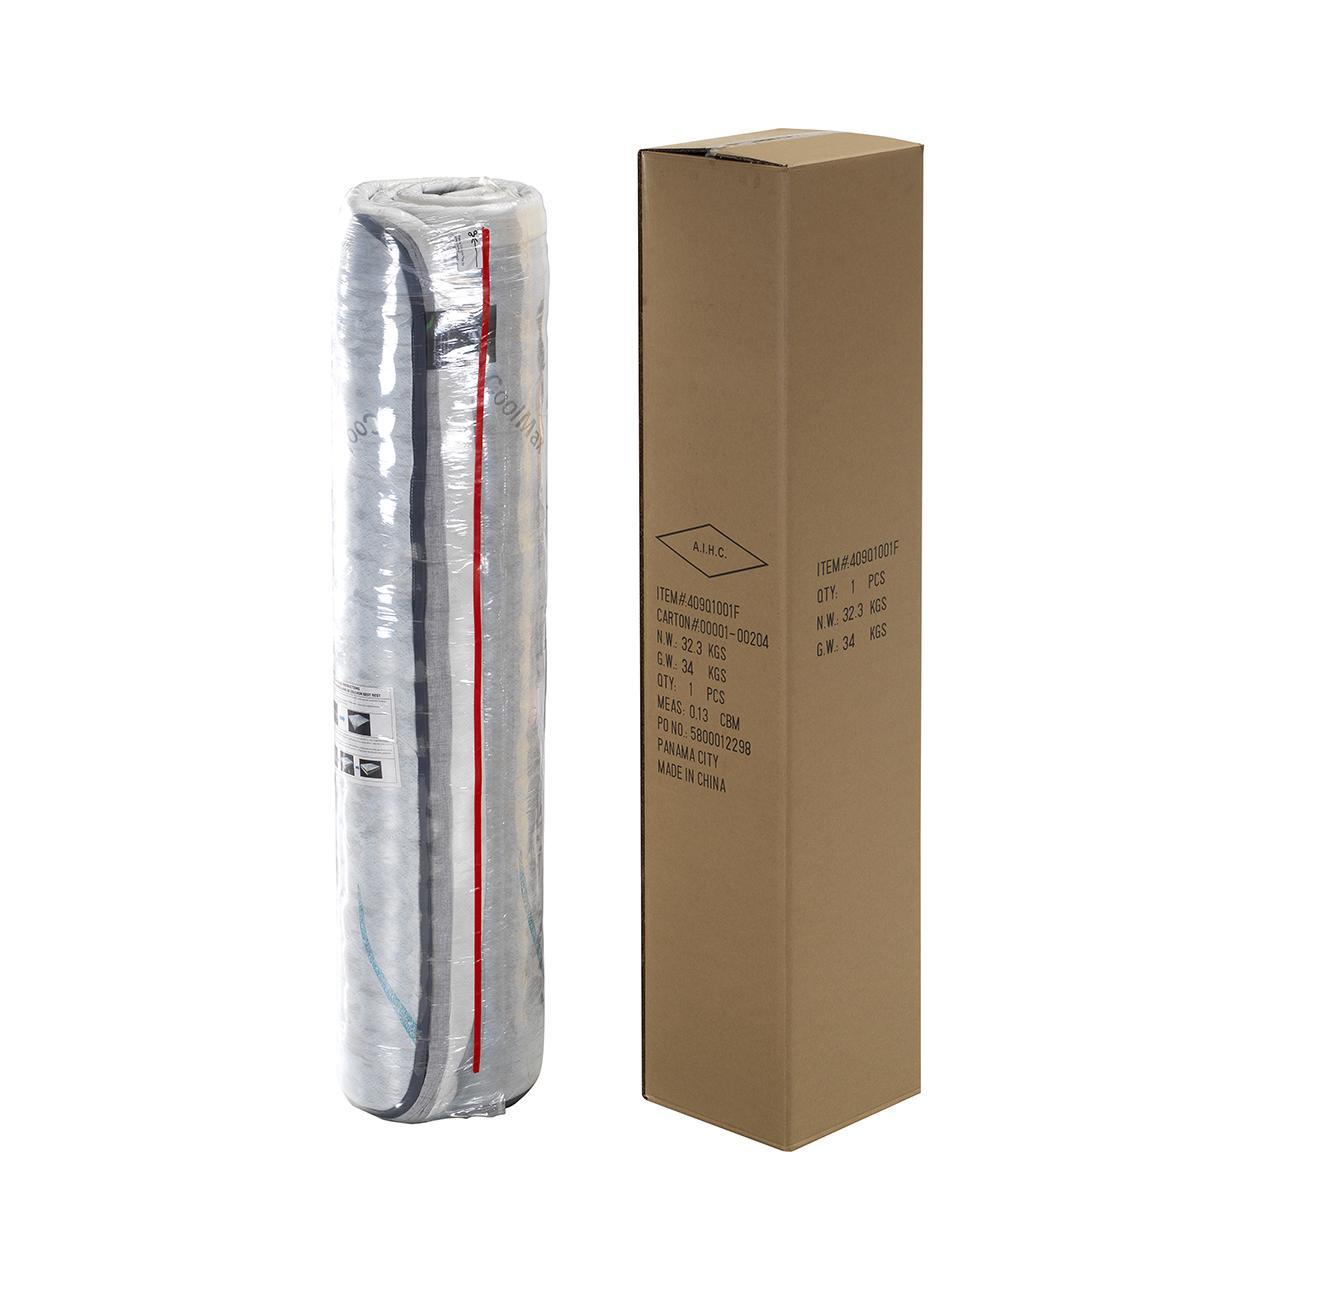 High density foam mattress  rolling compresses packing bed mattress 5